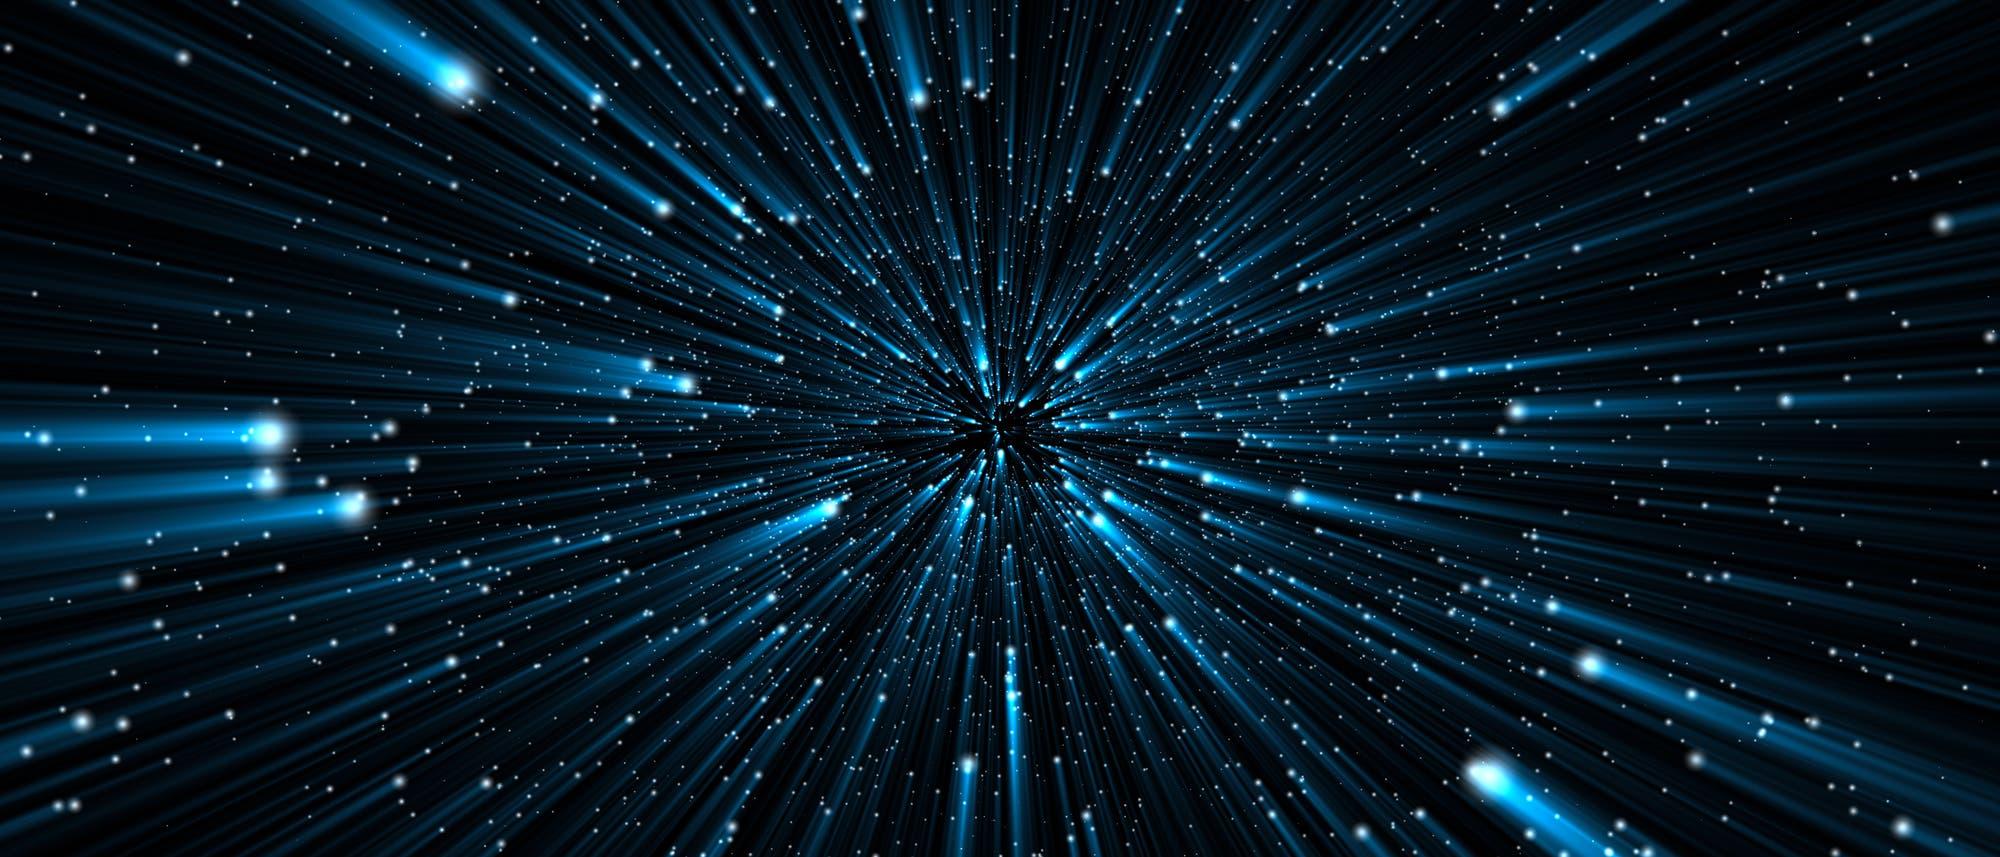 Reise zu fernen Sternen